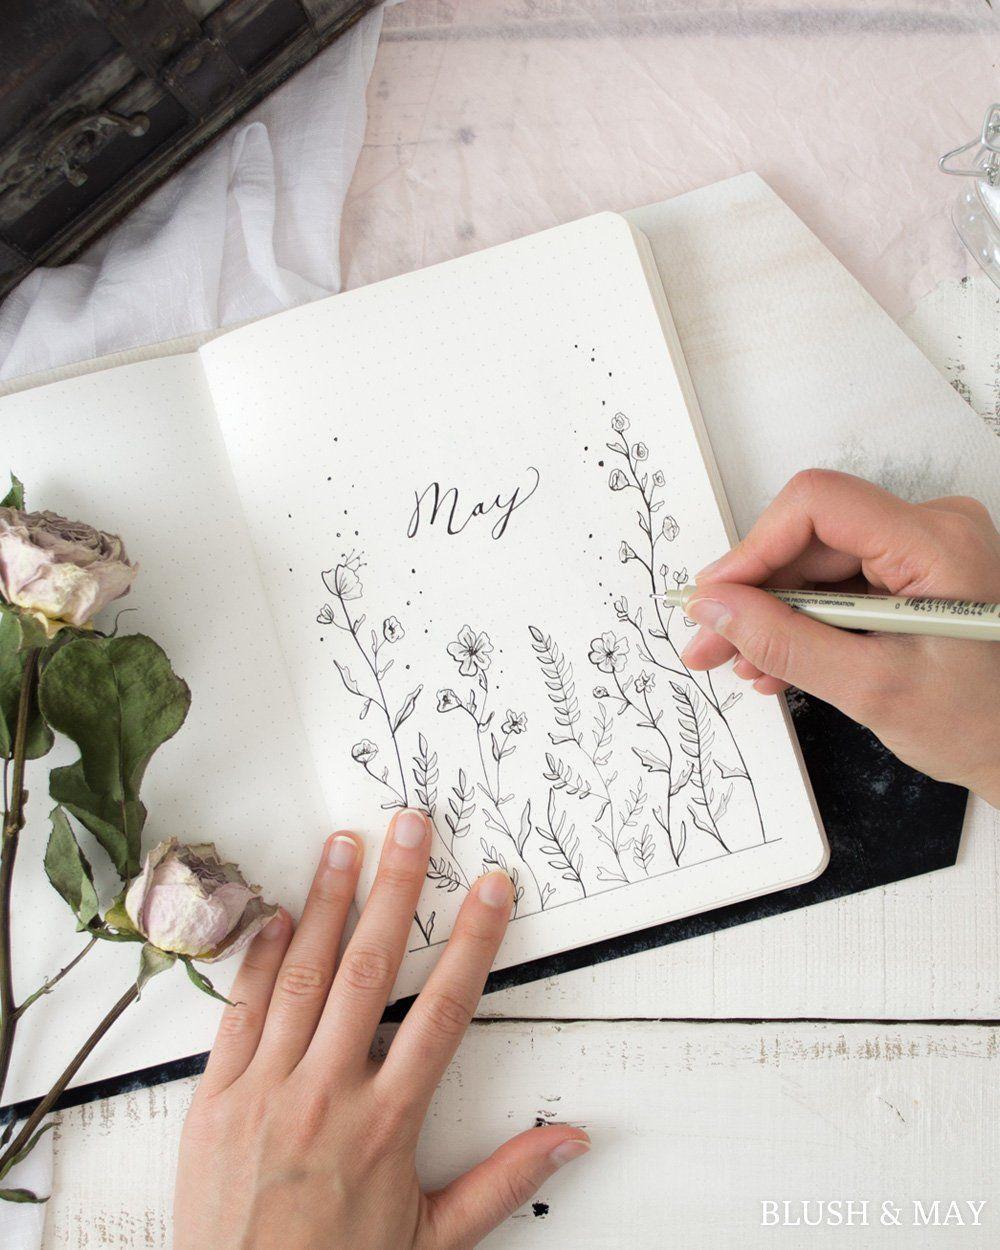 Full May 2018 Setup Printable for Journal or Planner | Etsy